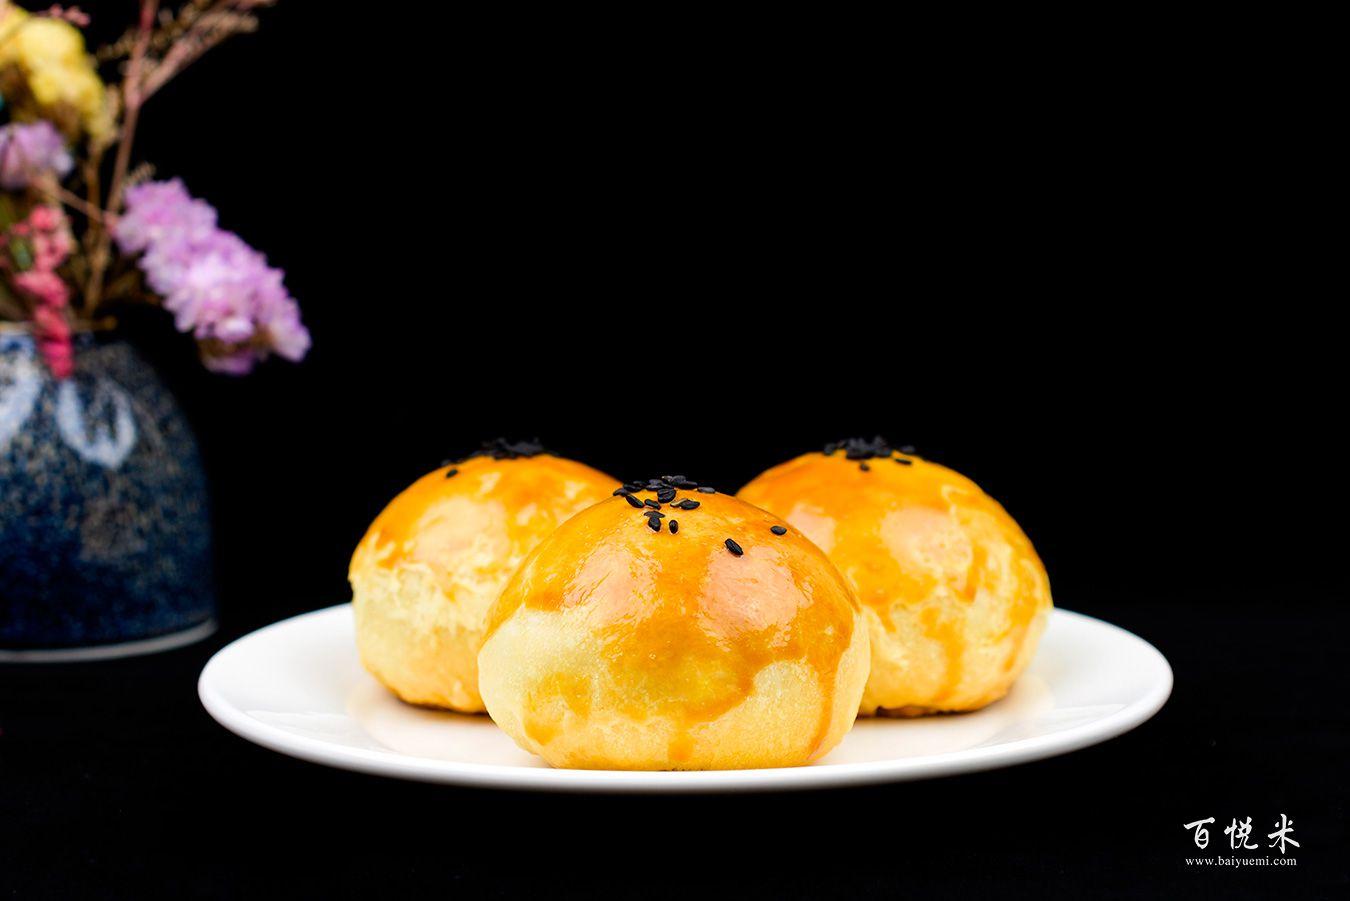 蛋黄酥高清图片大全【蛋糕图片】_861